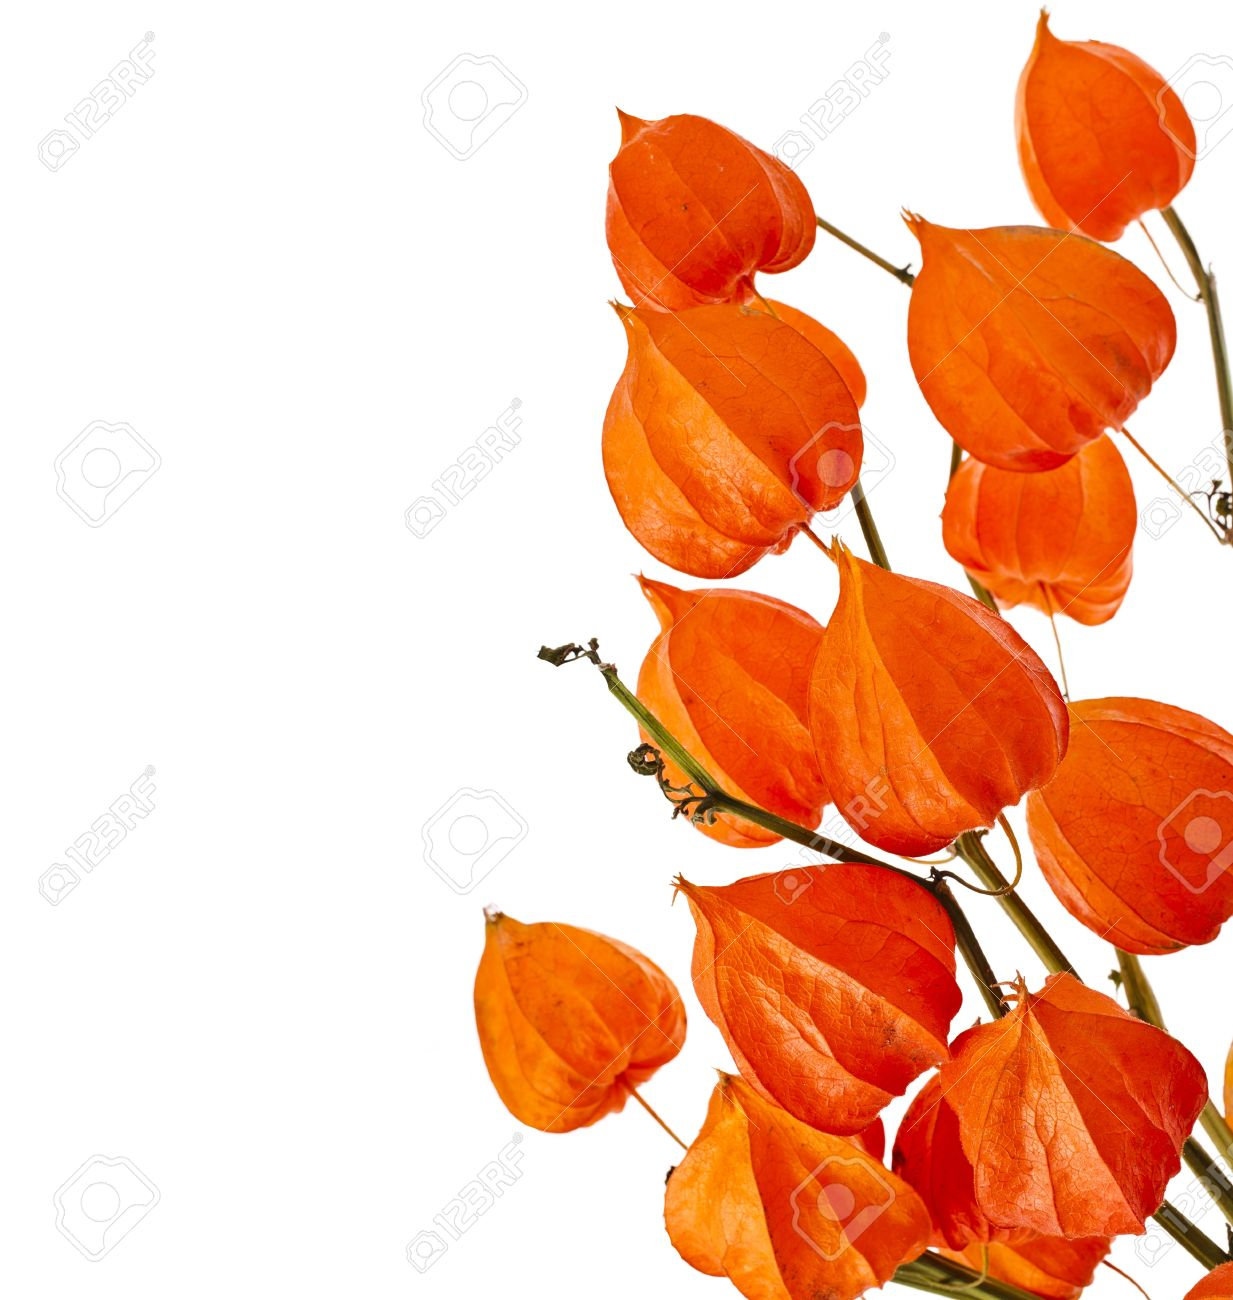 Border Of Orange Inflorescence Physalis Alkekengi (Chinese Lantern.